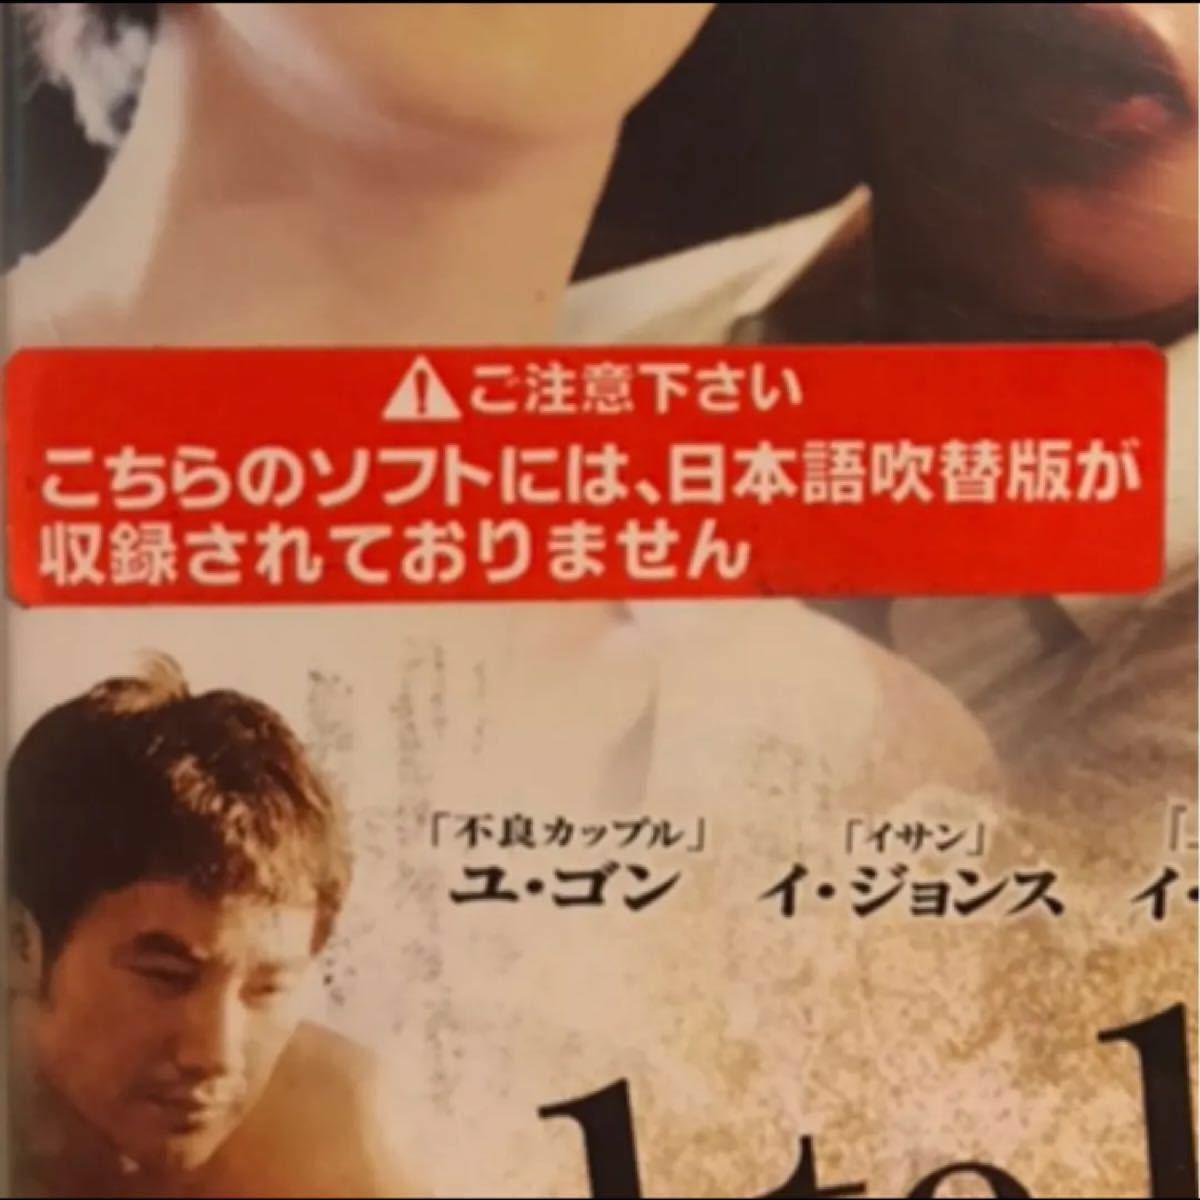 『1to1マッチャン』 全4巻(完結) DVD レンタル落ち 韓国ドラマ